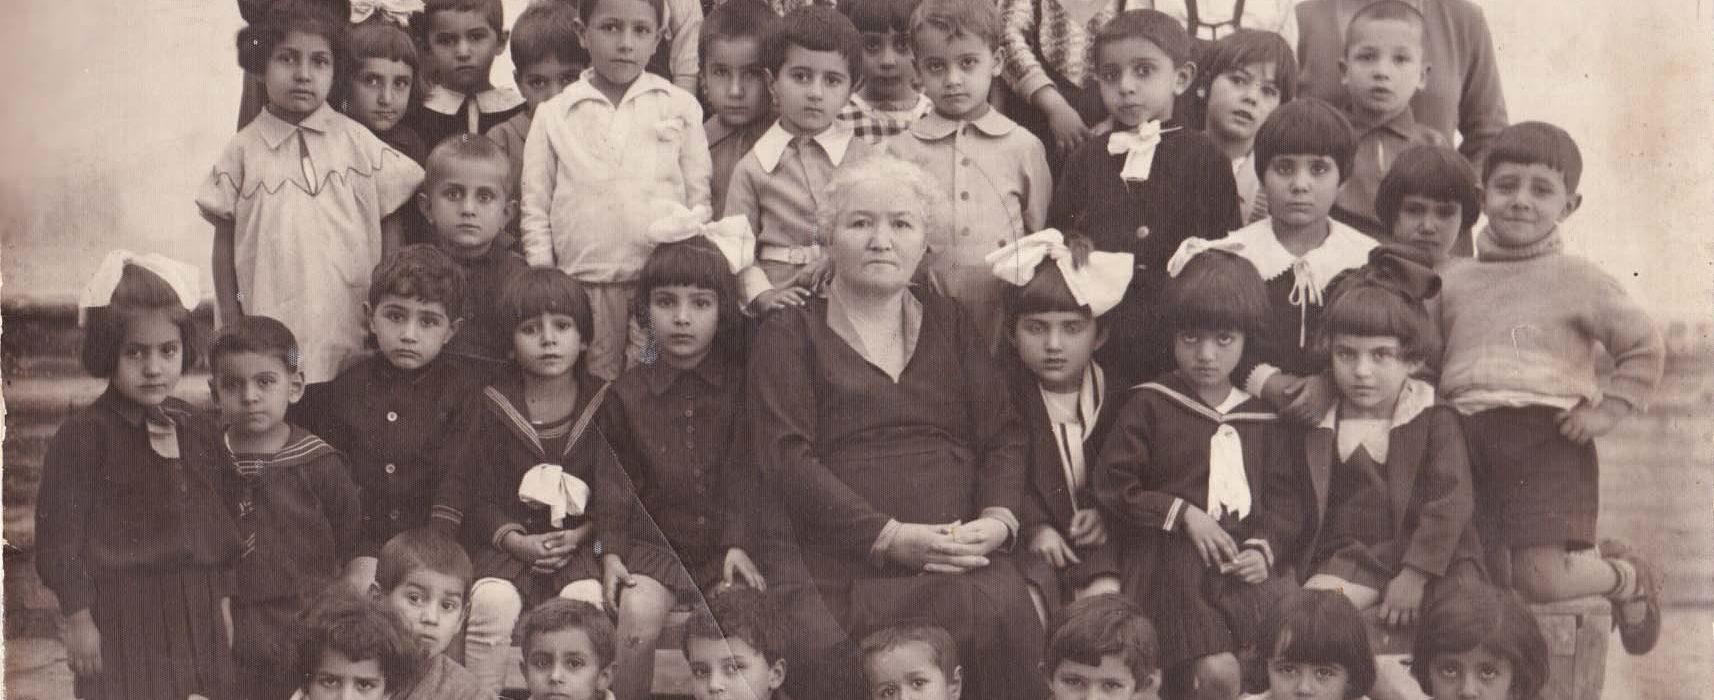 Margaret Sarvarian's legacy